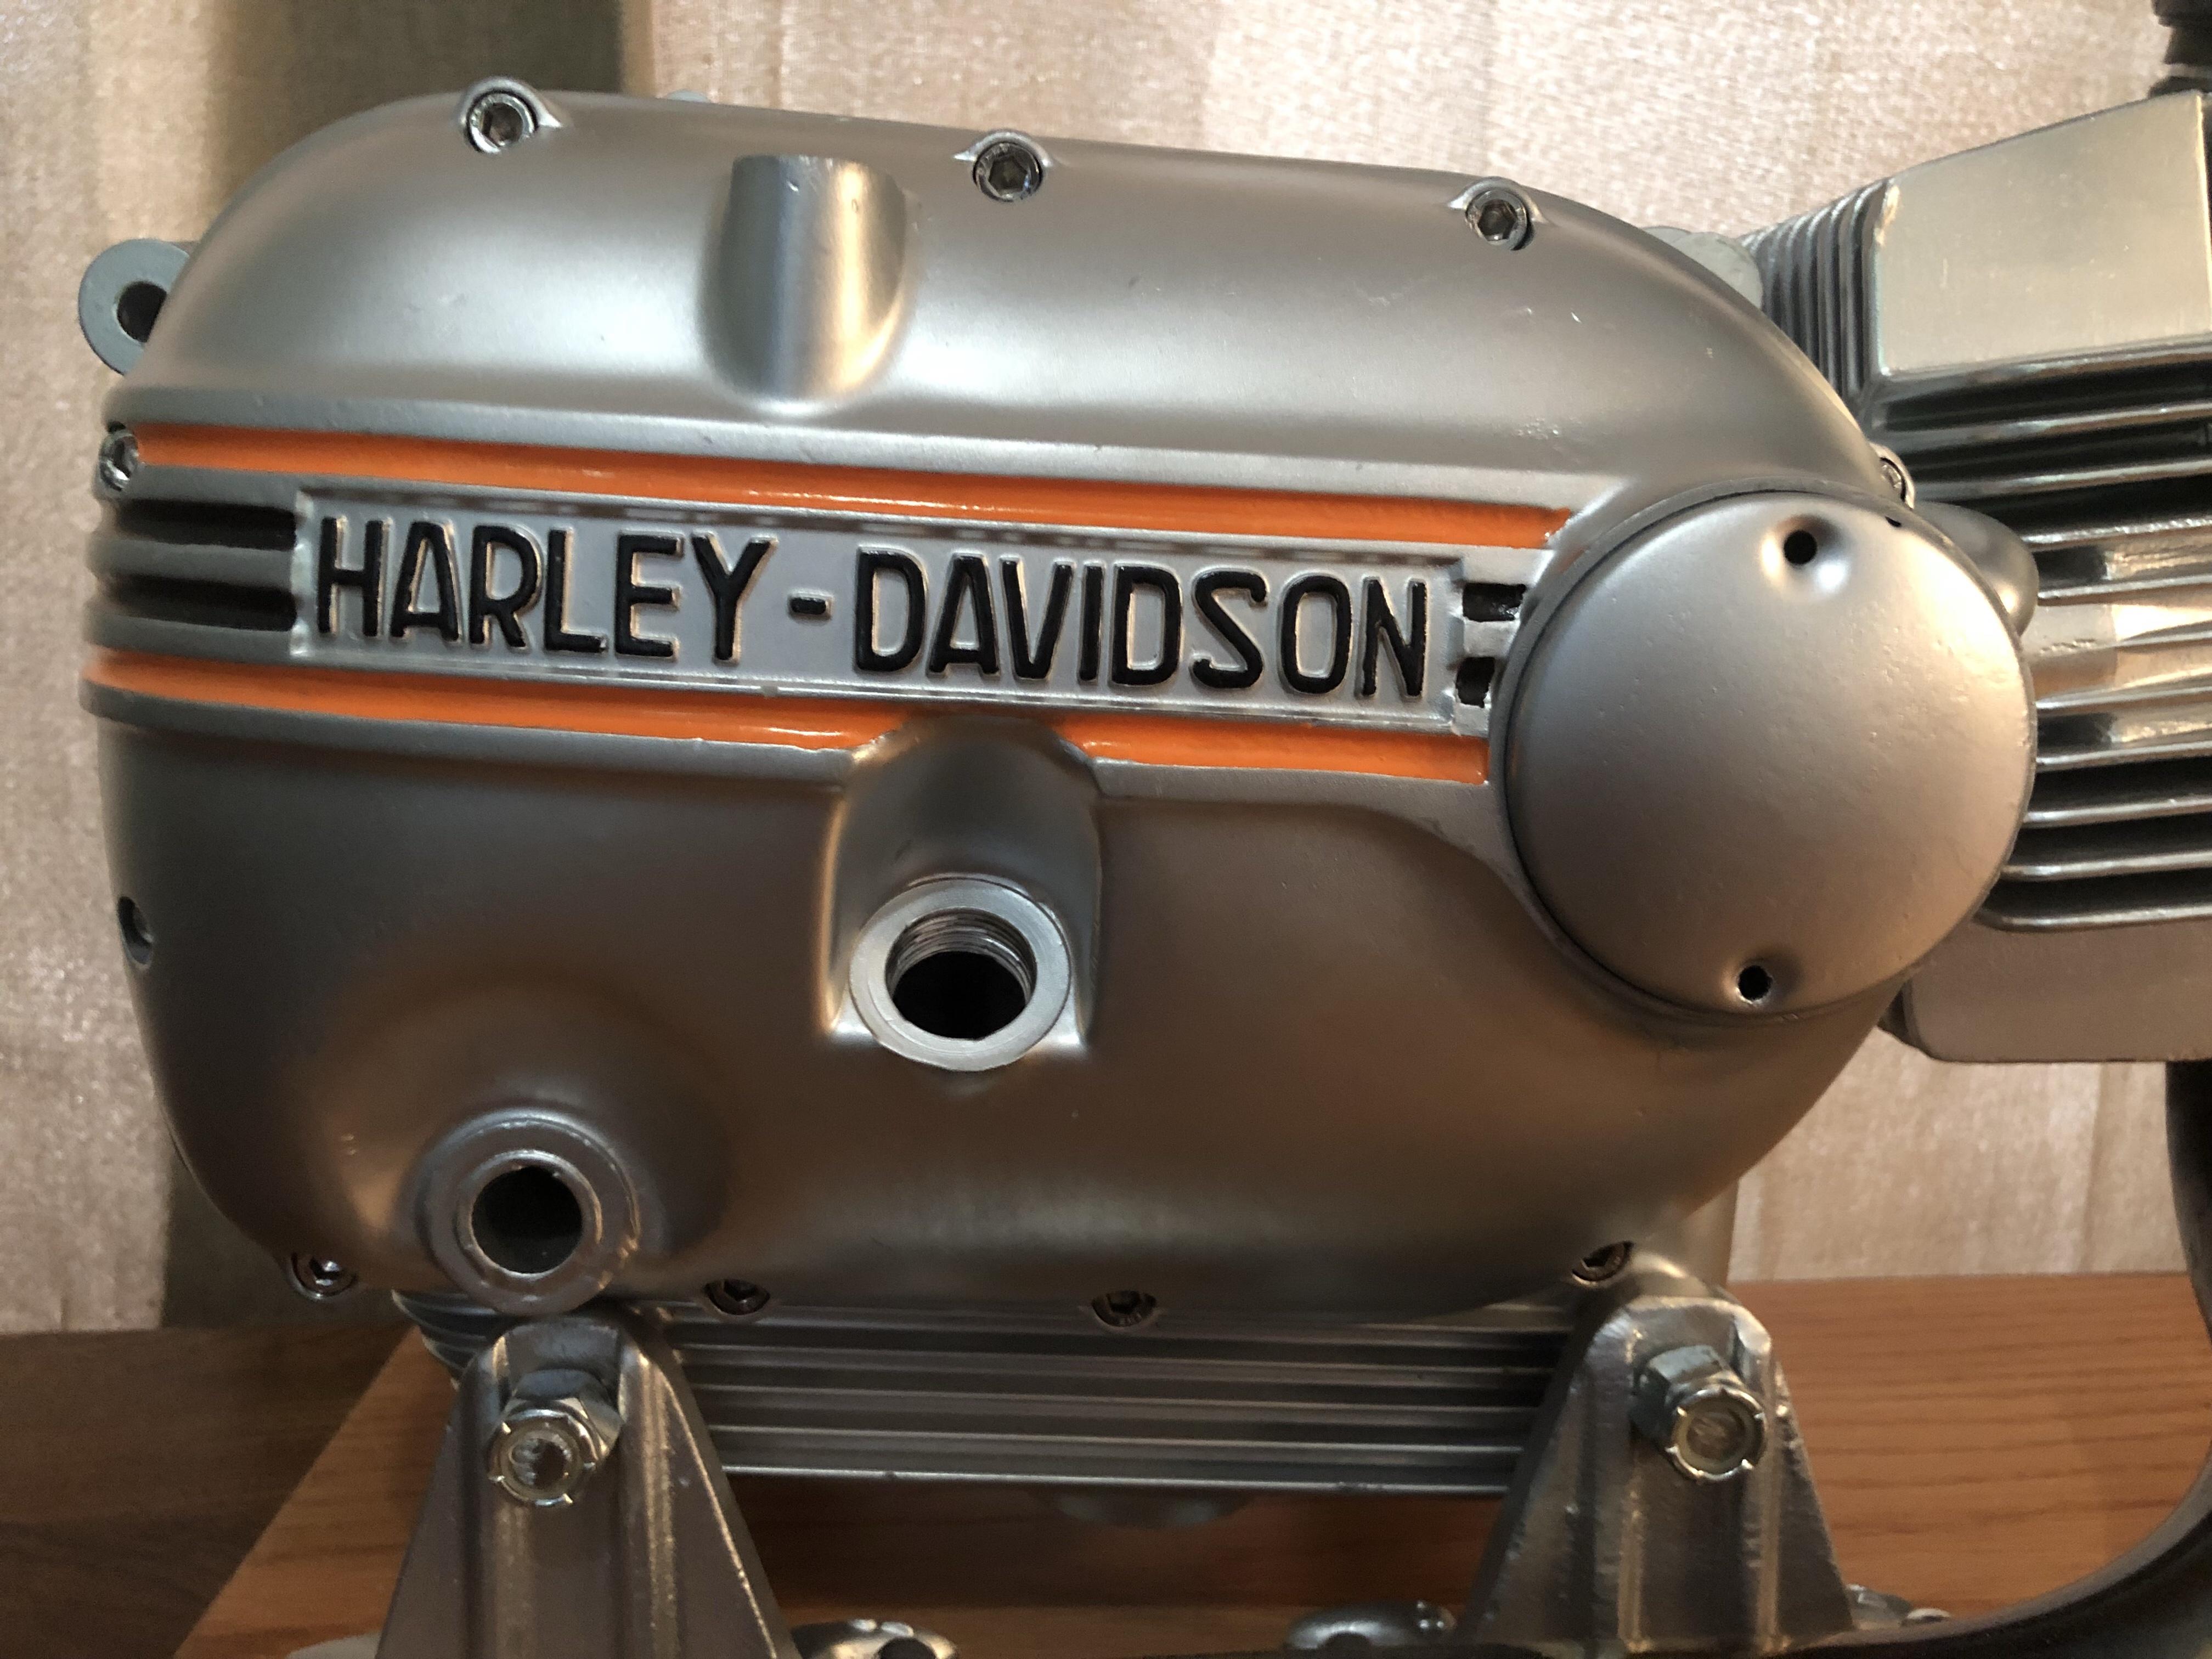 Harley Davidson Beer Dispenser